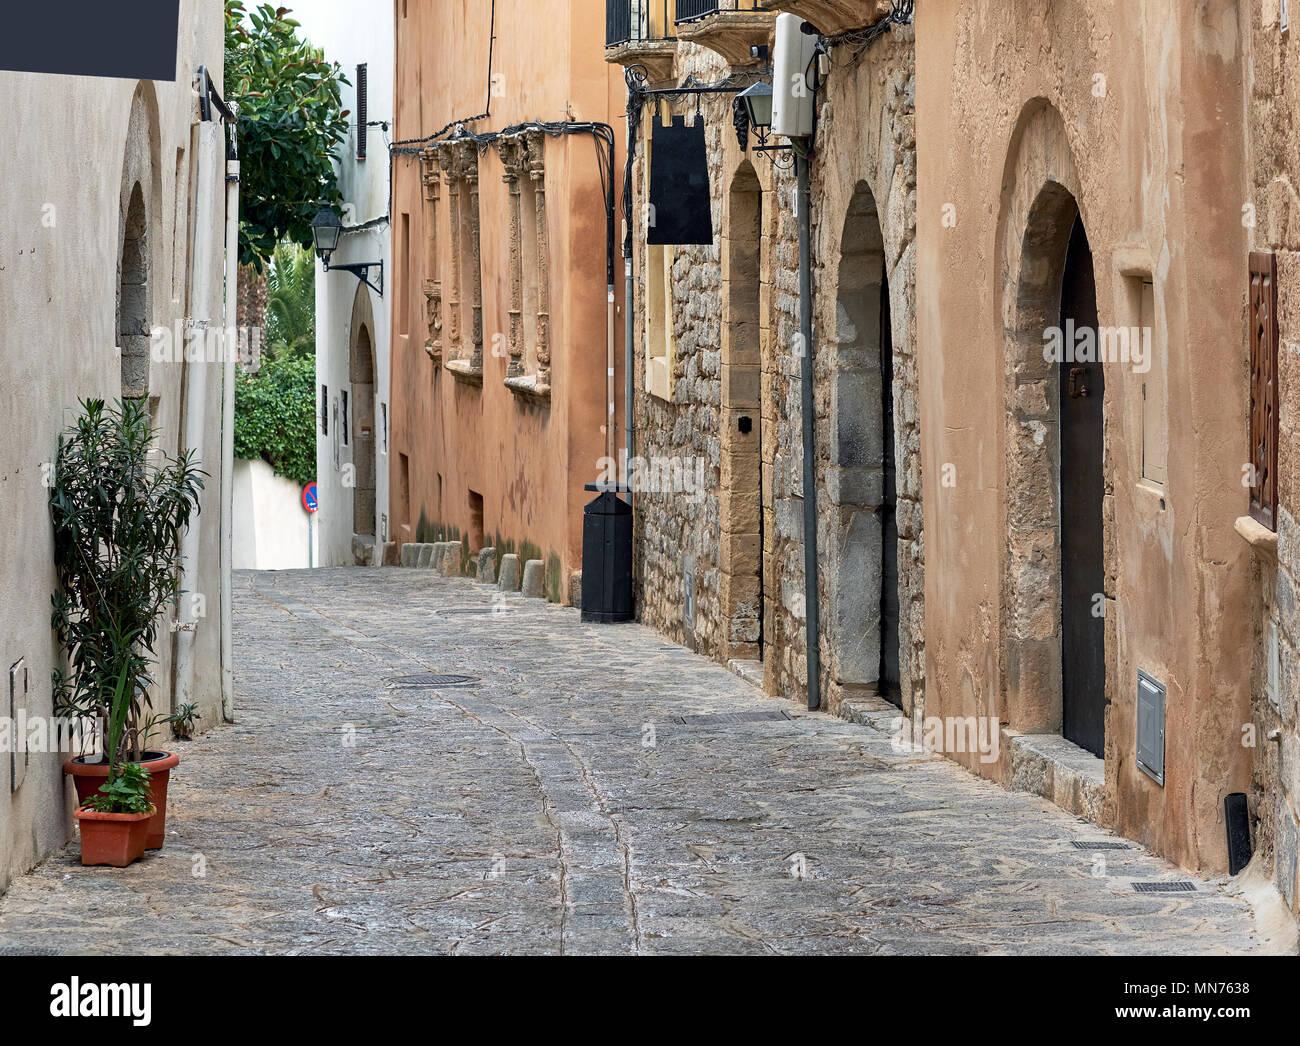 Encantadora calle adoquinada vacía de la vieja ciudad de Ibiza (Eivissa), Islas Baleares. España Foto de stock